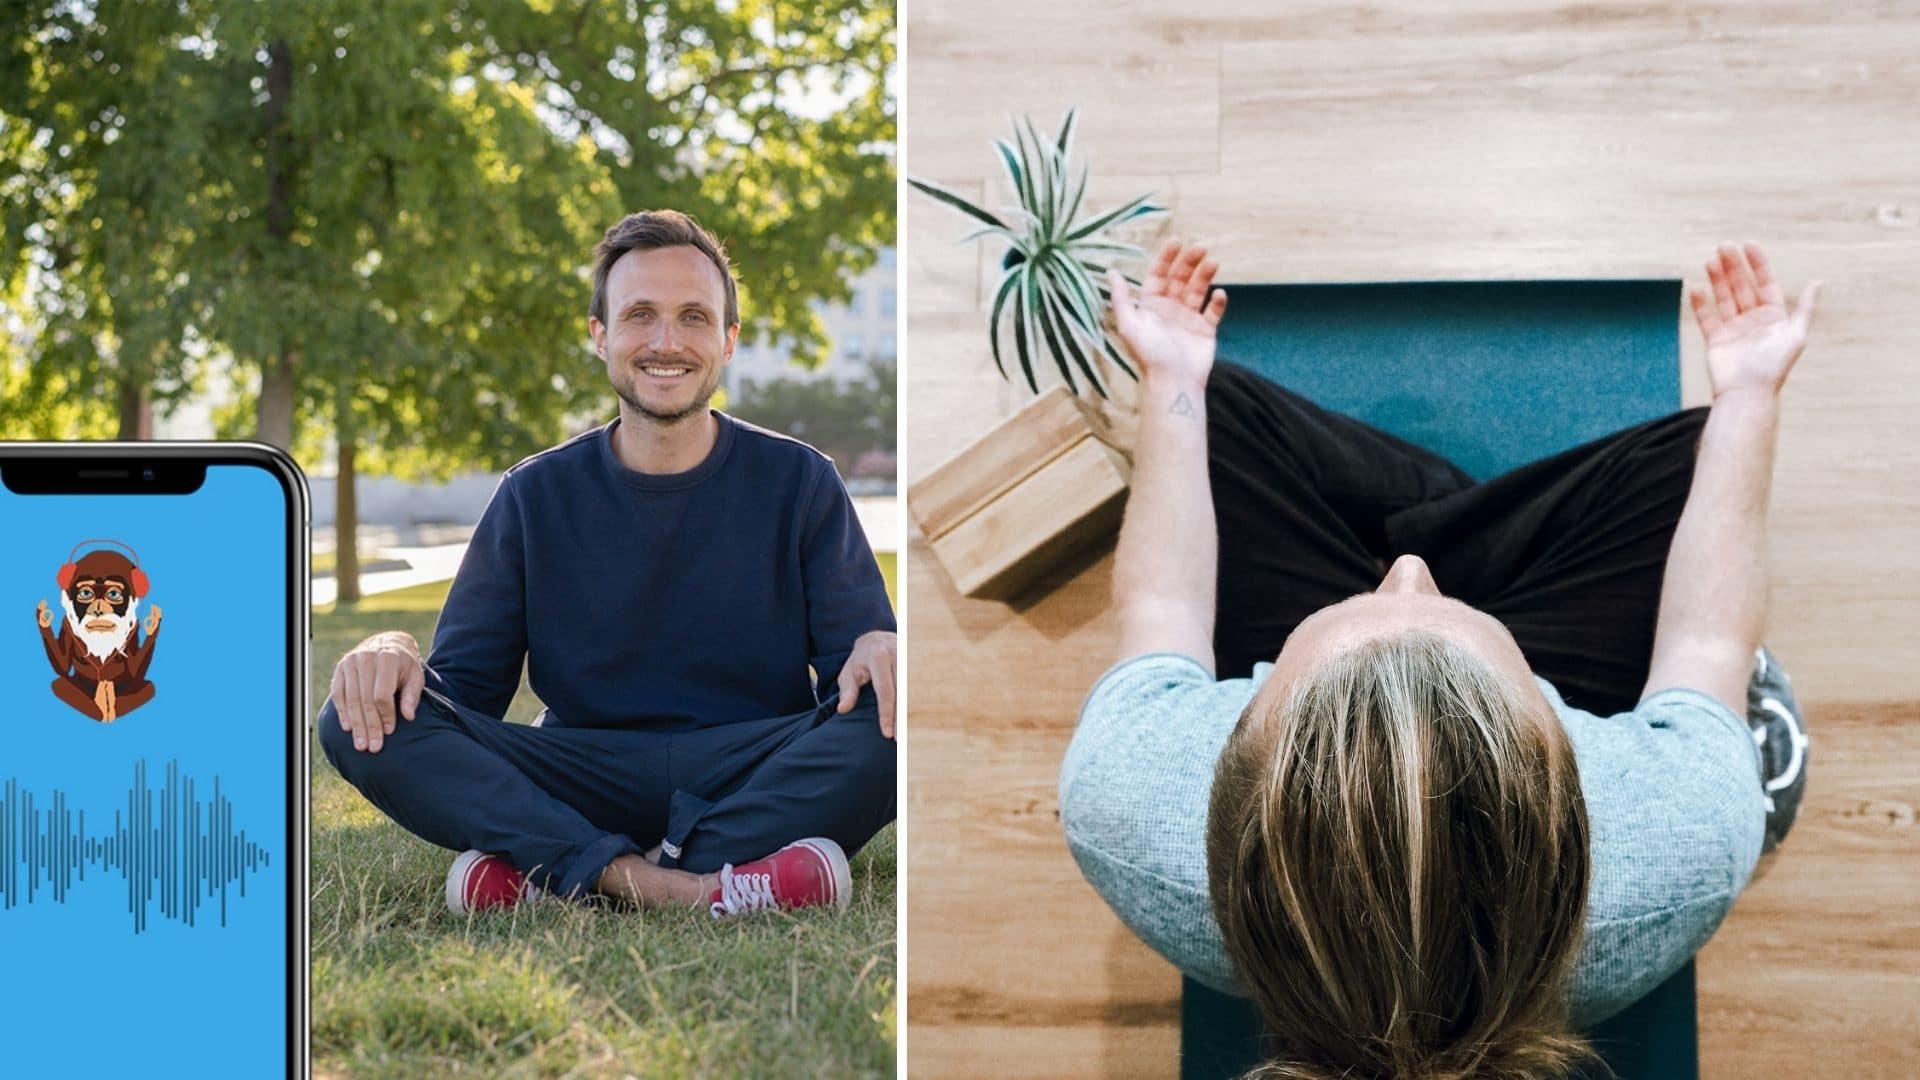 namatata application méditation relaxation détente mindfulness en ligne chez soi bien-être